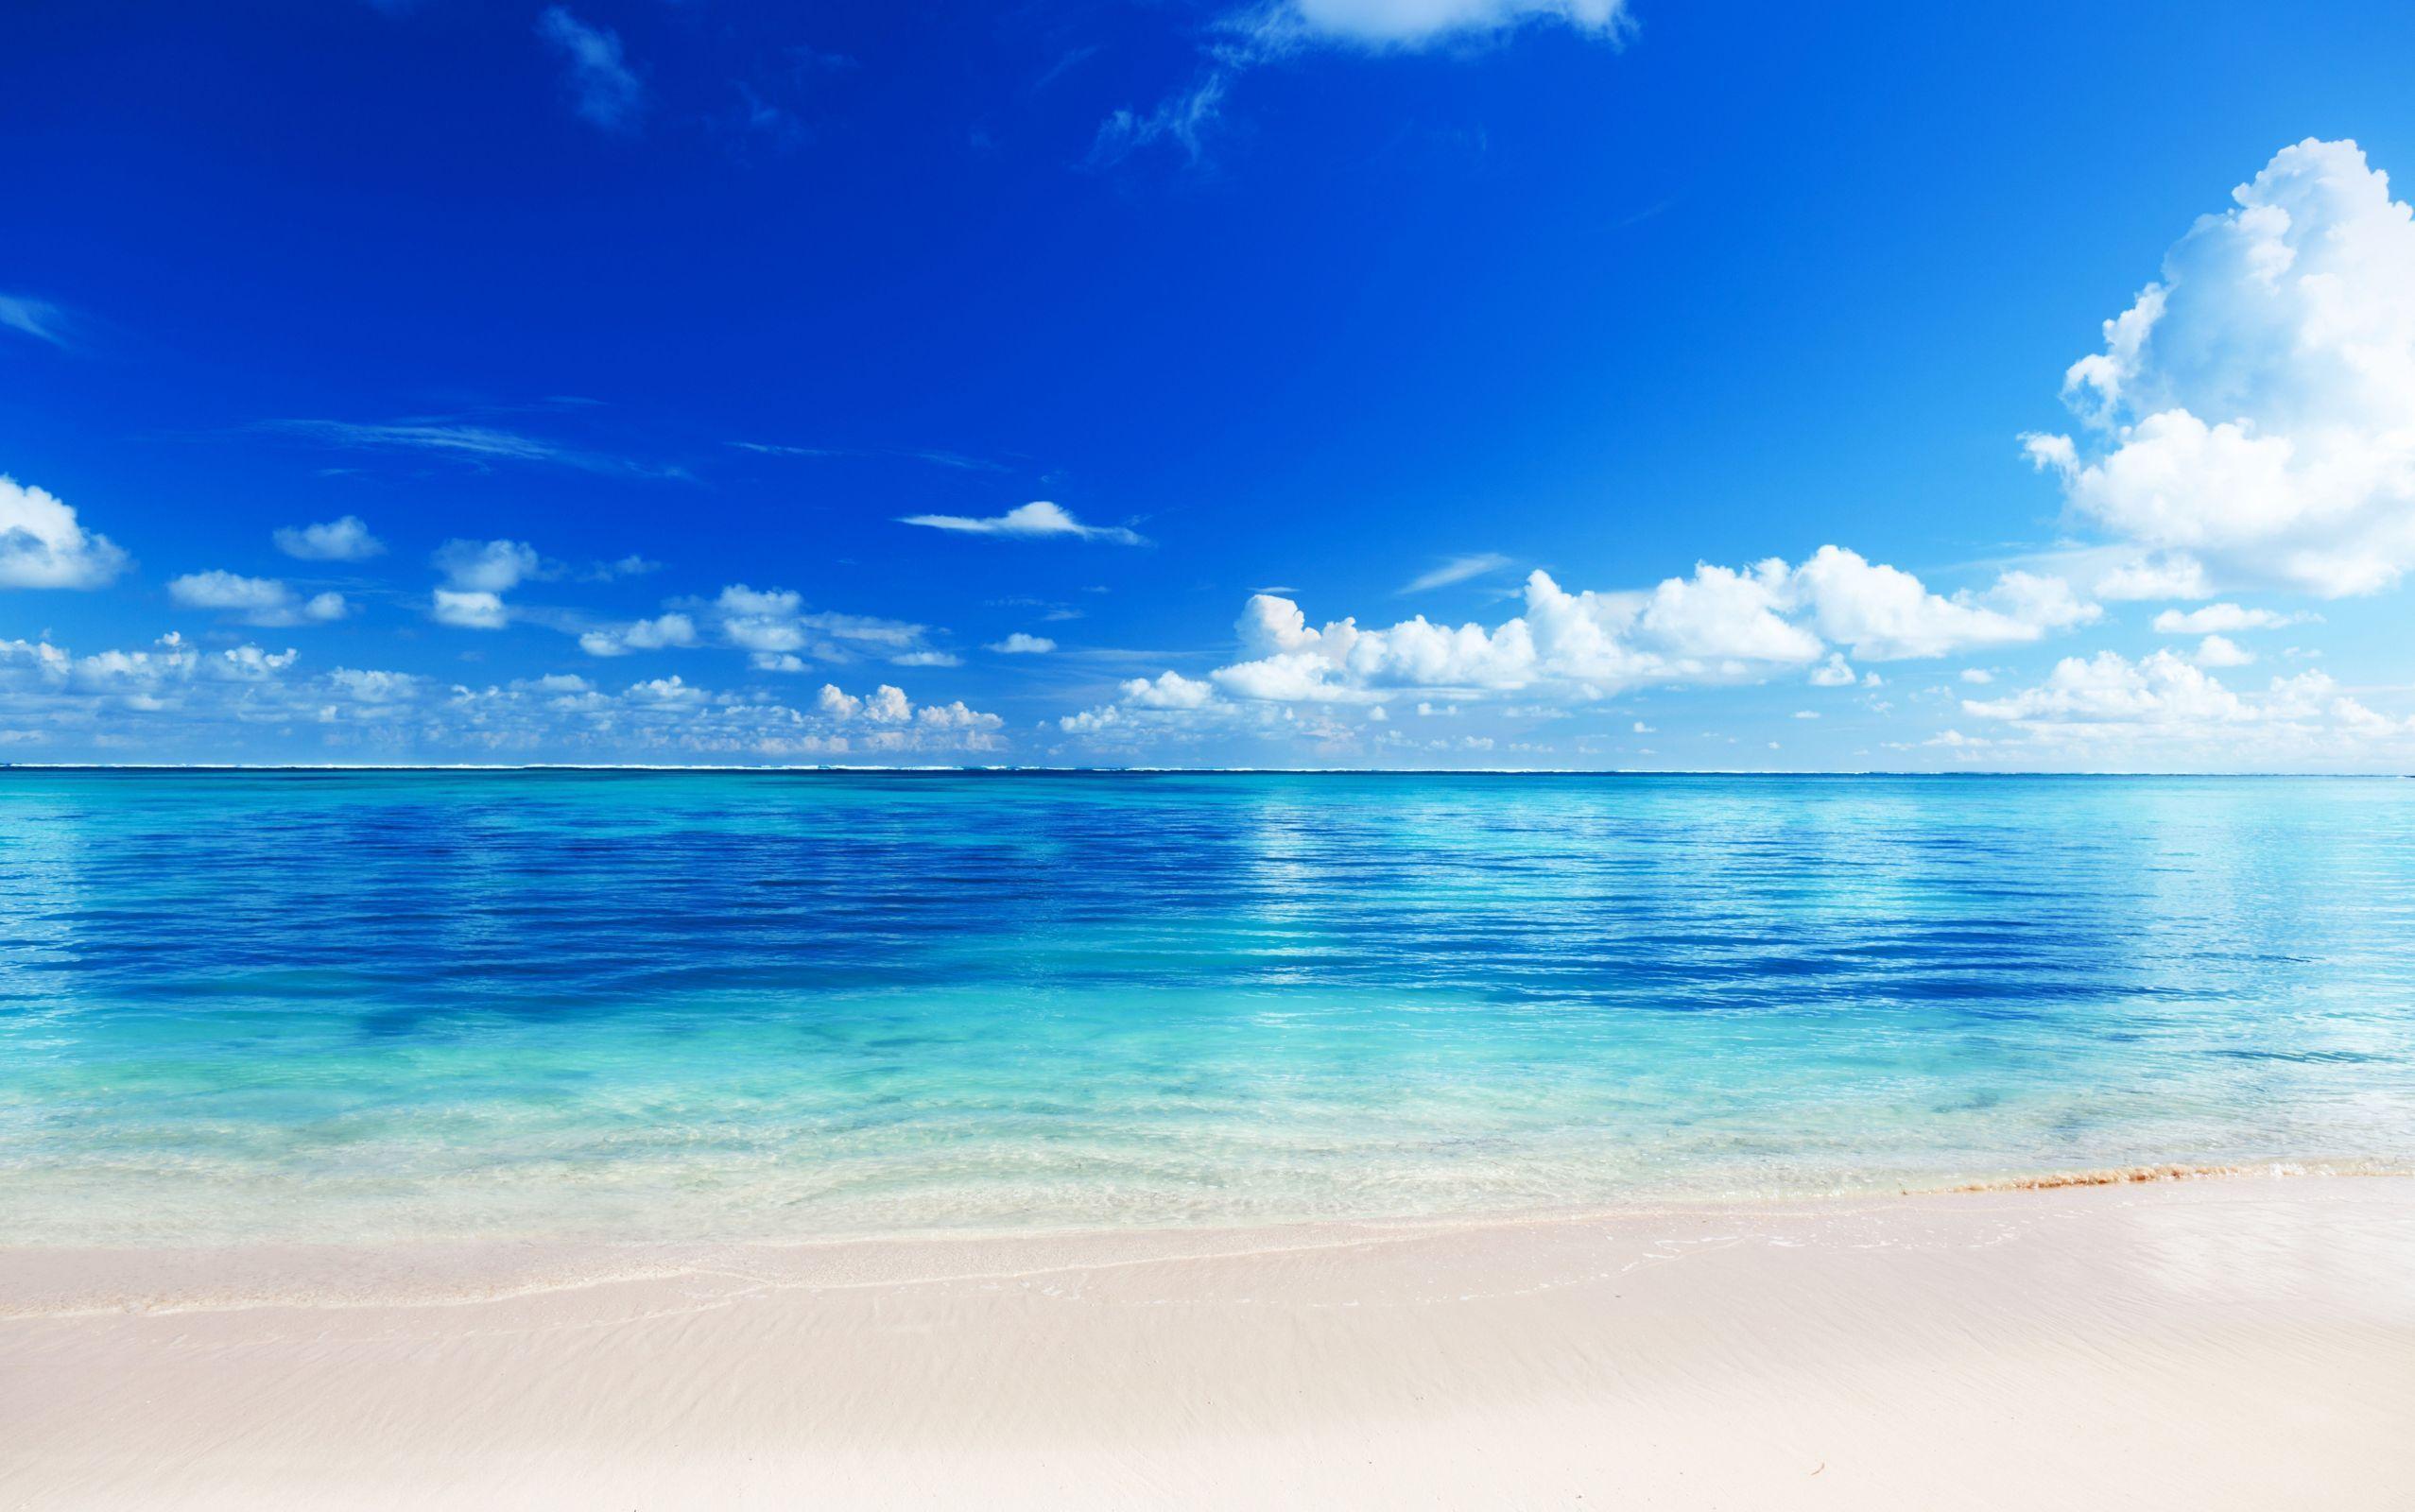 Hd wallpaper beach - Beach Wallpapers Desktop Backgrounds For Free Hd Wallpaper